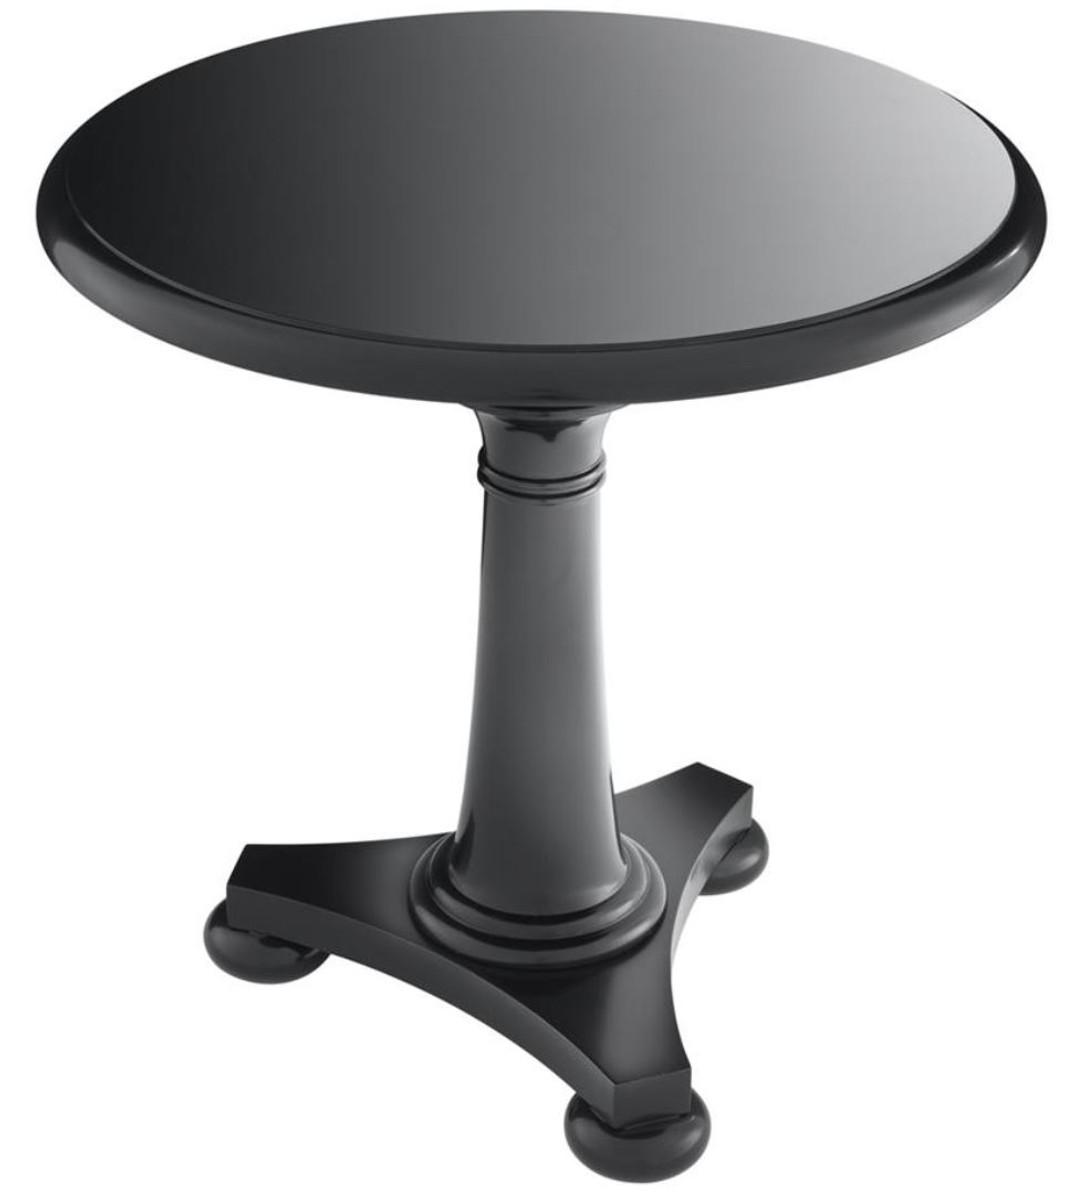 Casa Padrino Luxus Tisch / Beistelltisch Schwarz 75 x H. 75 cm - Hotel Kollektion 2